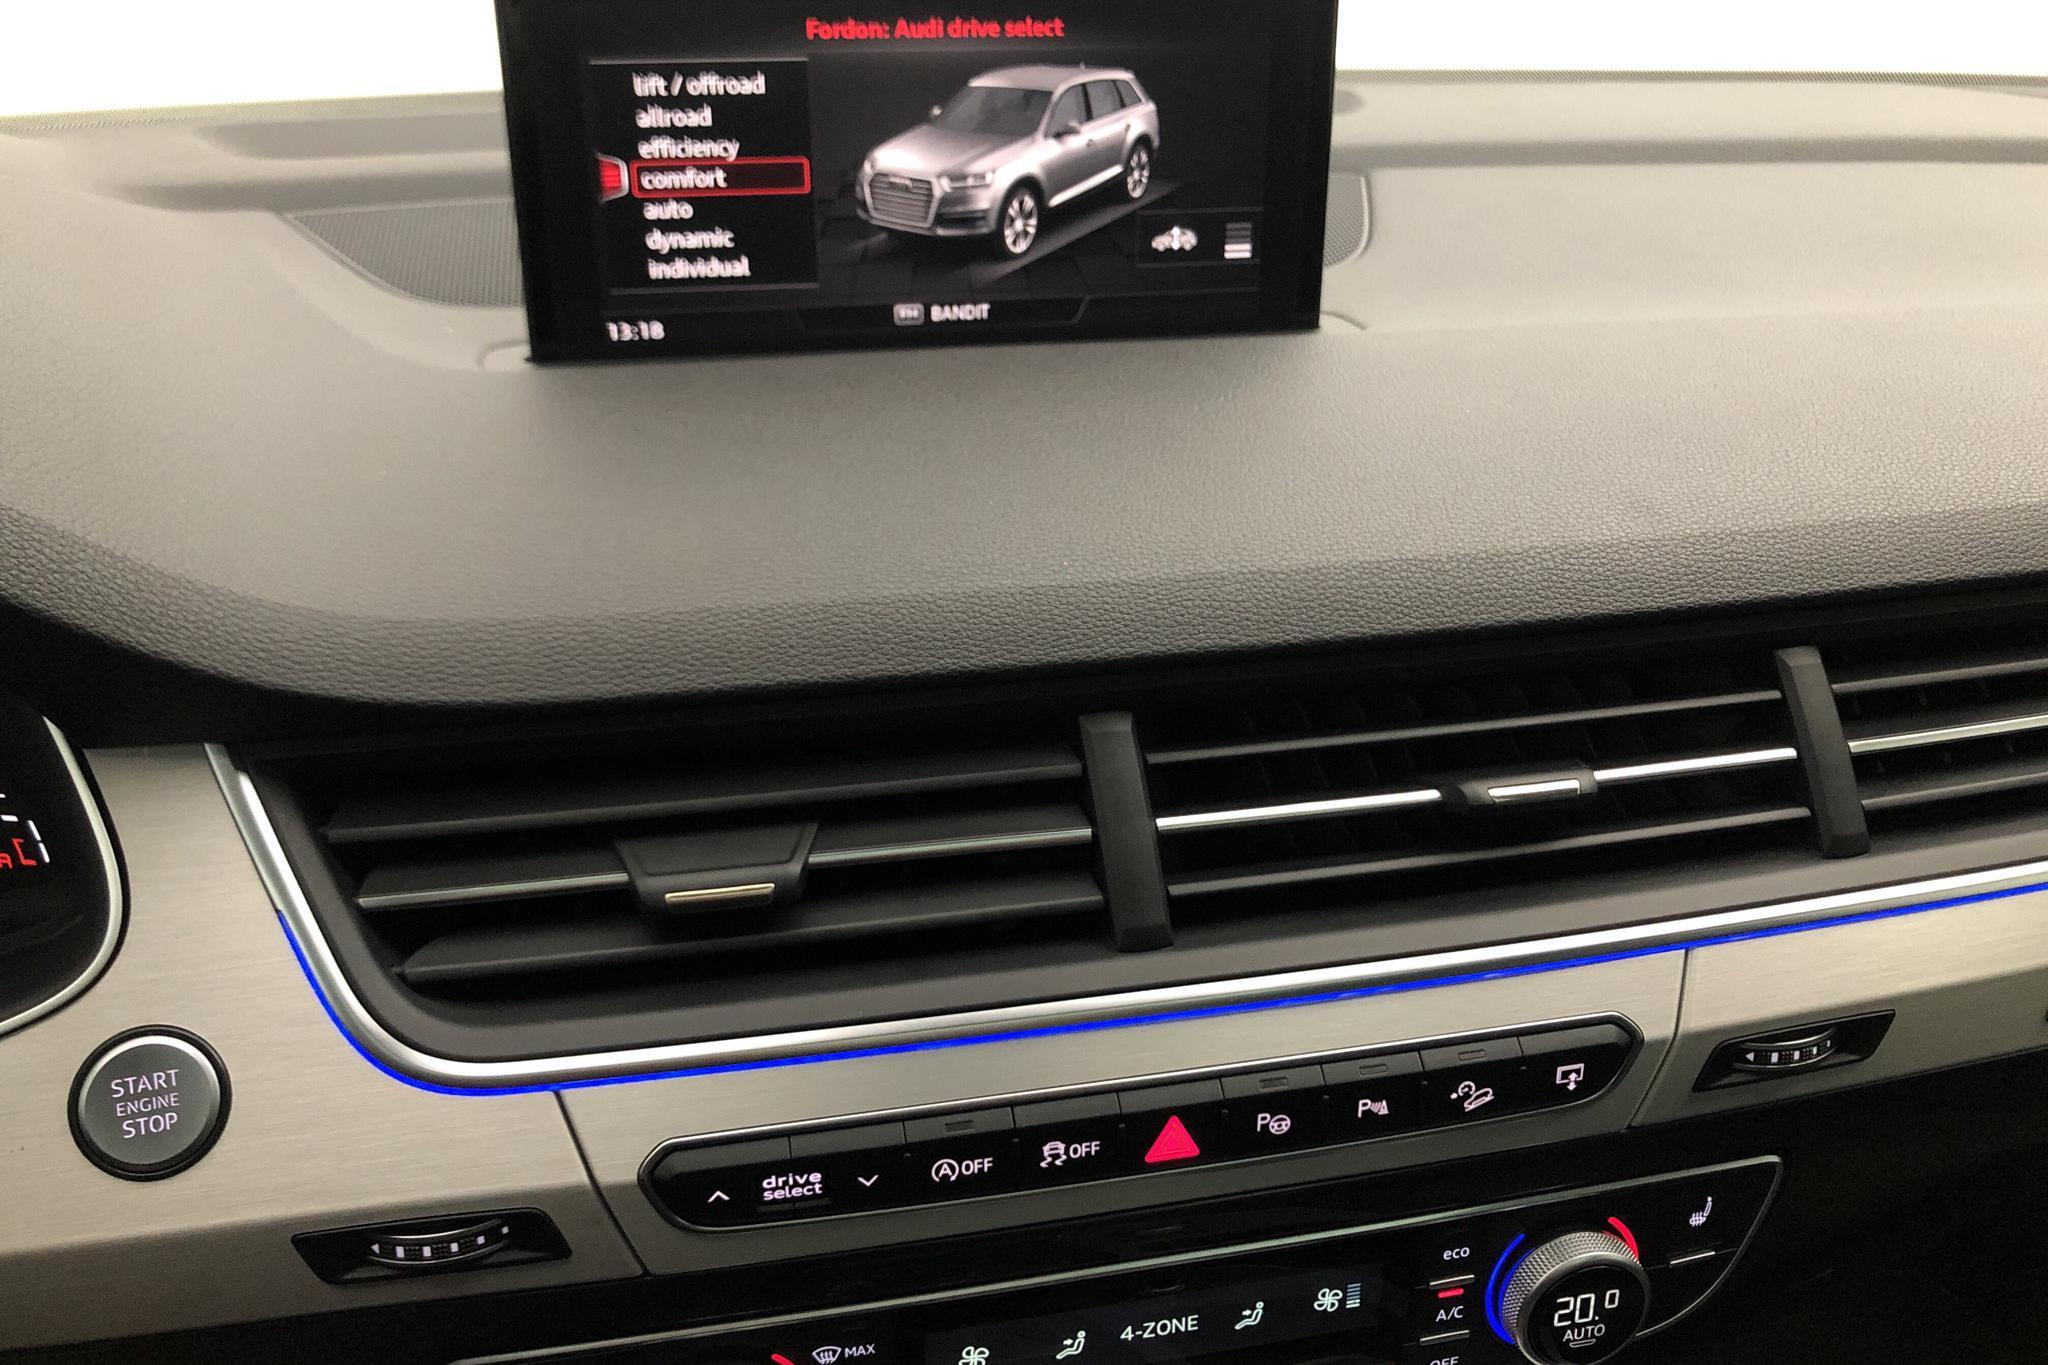 Audi Q7 3.0 TDI quattro (272hk) - 155 280 km - Automatic - black - 2016